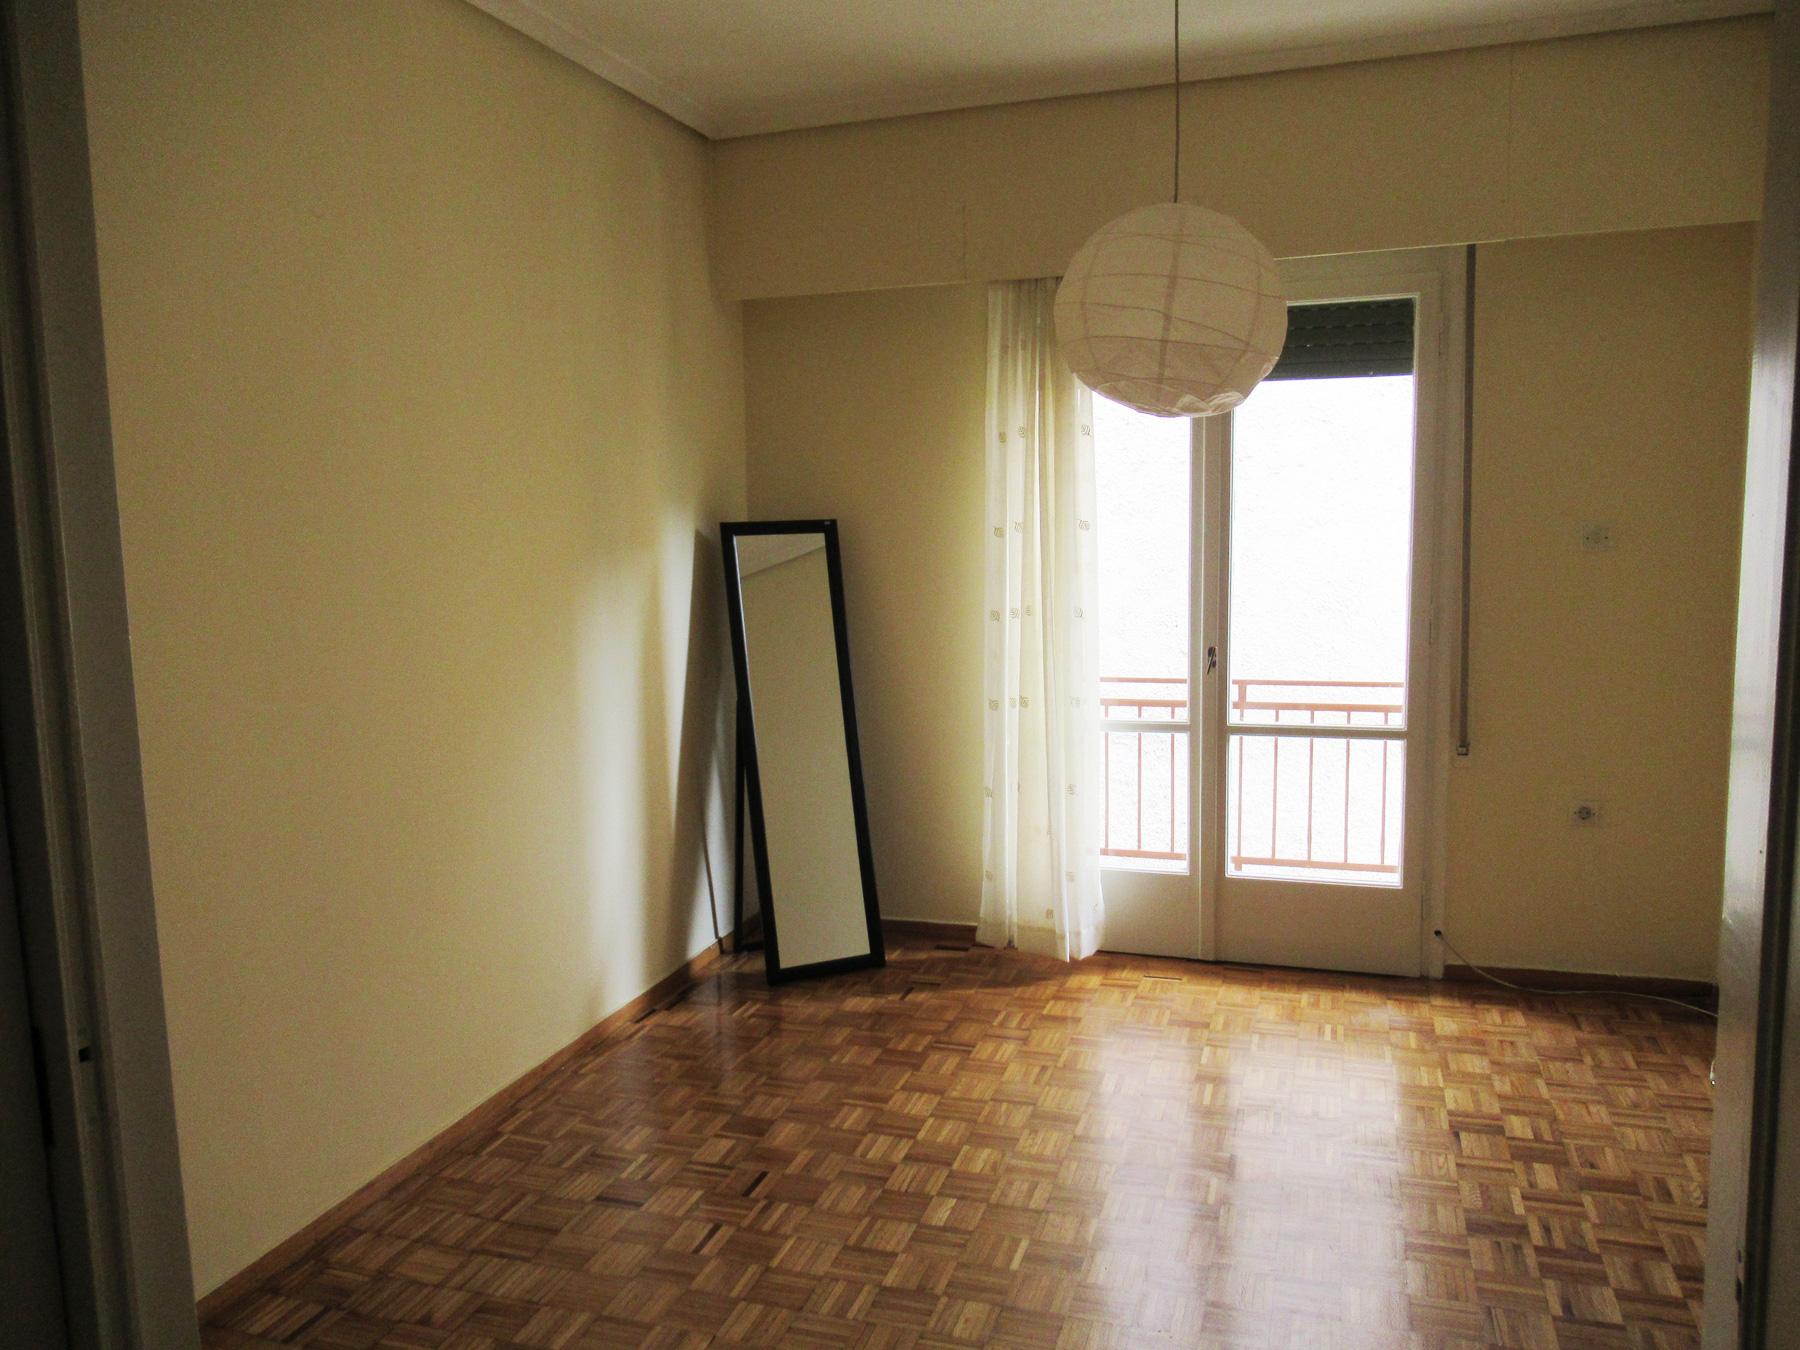 Ενοικιάζεται 2άρι διαμέρισμα 55τ.μ. 2ου ορόφου στο κέντρο των Ιωαννίνων πλησίον Πλατείας Πάργης